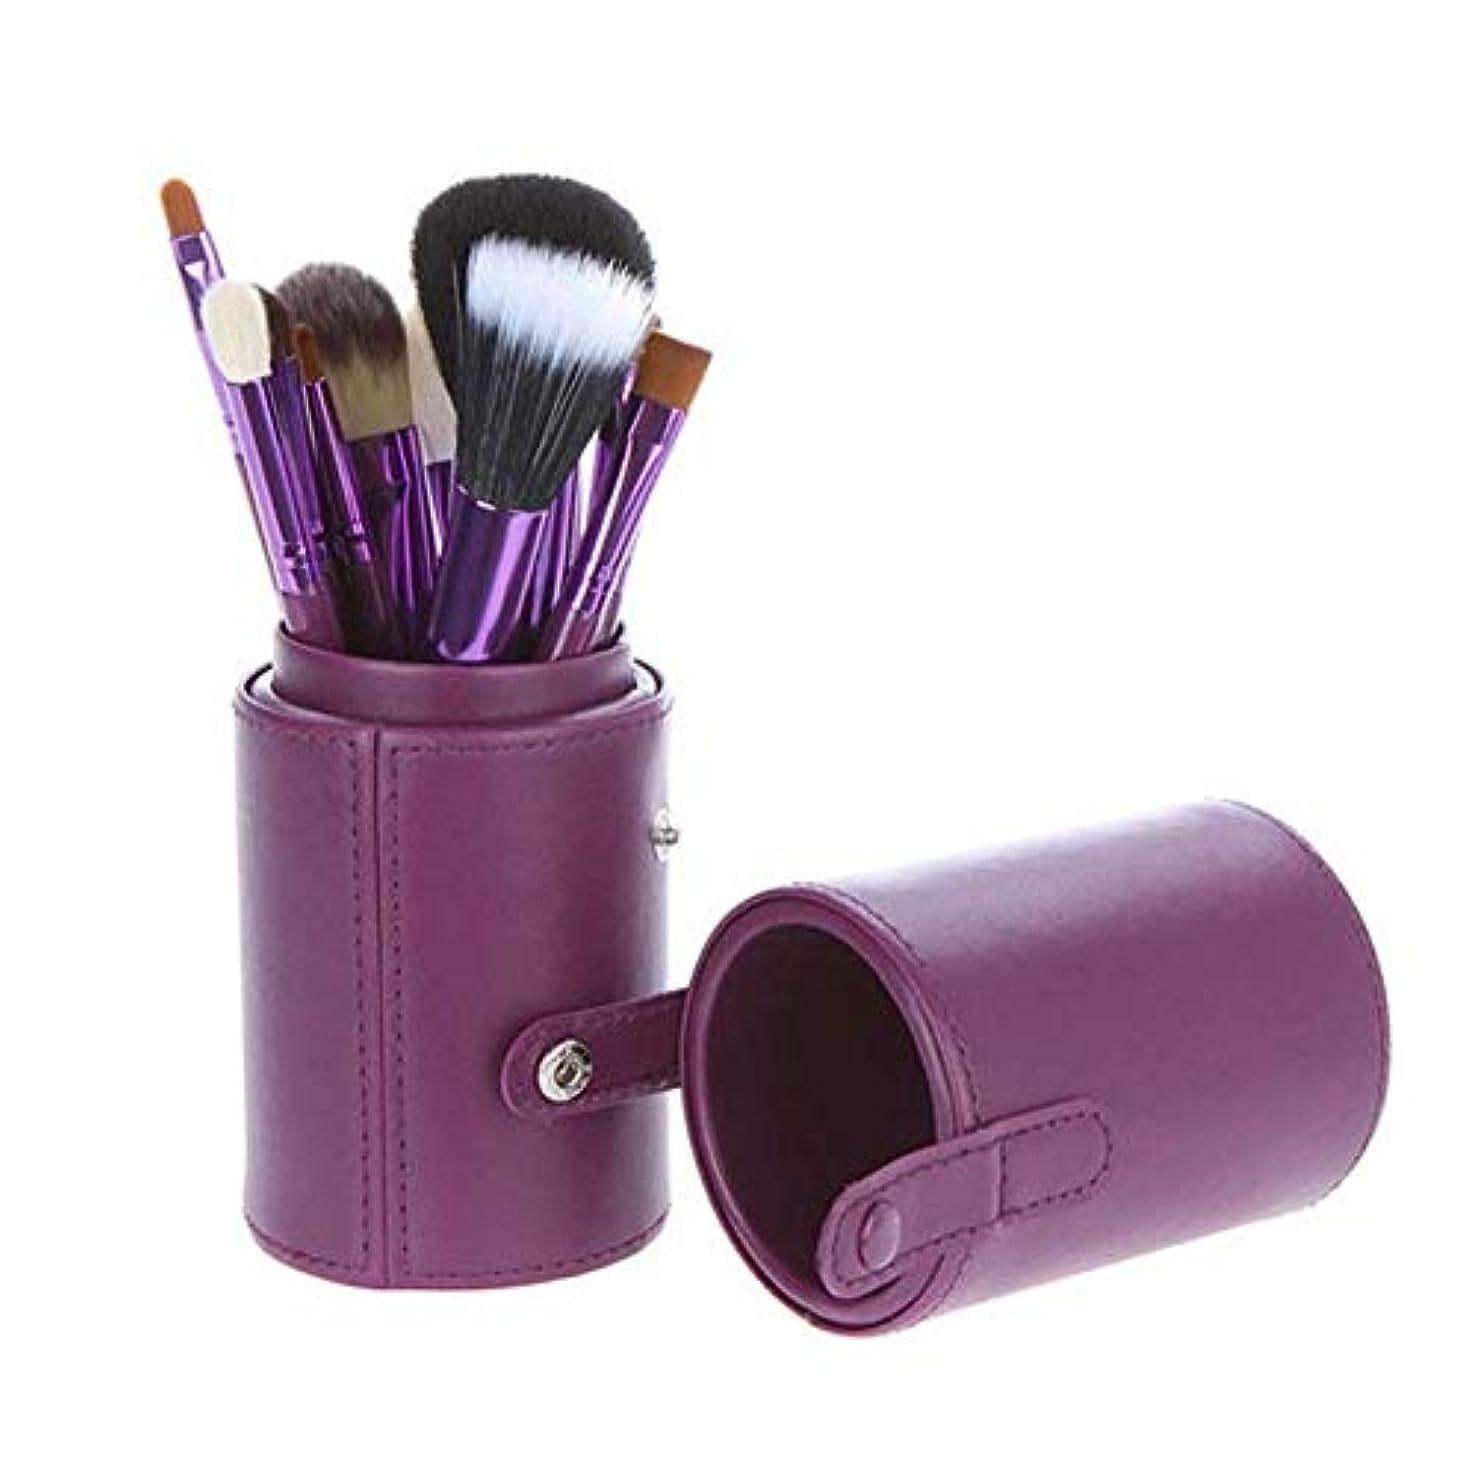 鎖同等の安らぎ化粧ブラシセット:美しい女性ギフトボックスに表示されるスタイリッシュなブラシケースで、プロのプロ、美容ブレンダーとクリーナーをメイクアップ (Color : Purple)